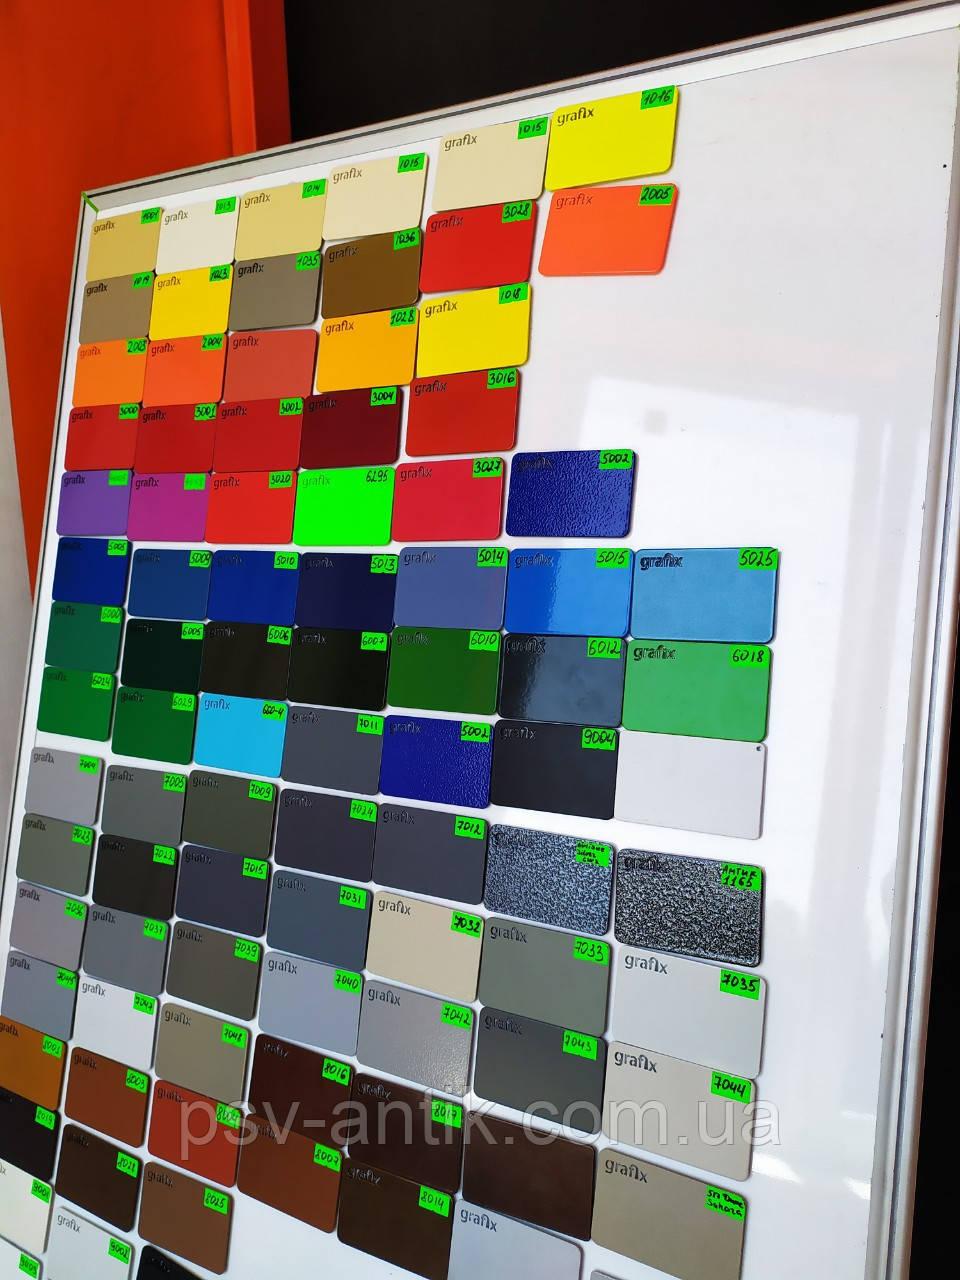 Порошковая краска полу-глянцевая, полиэфирная, архитектурная, 6018